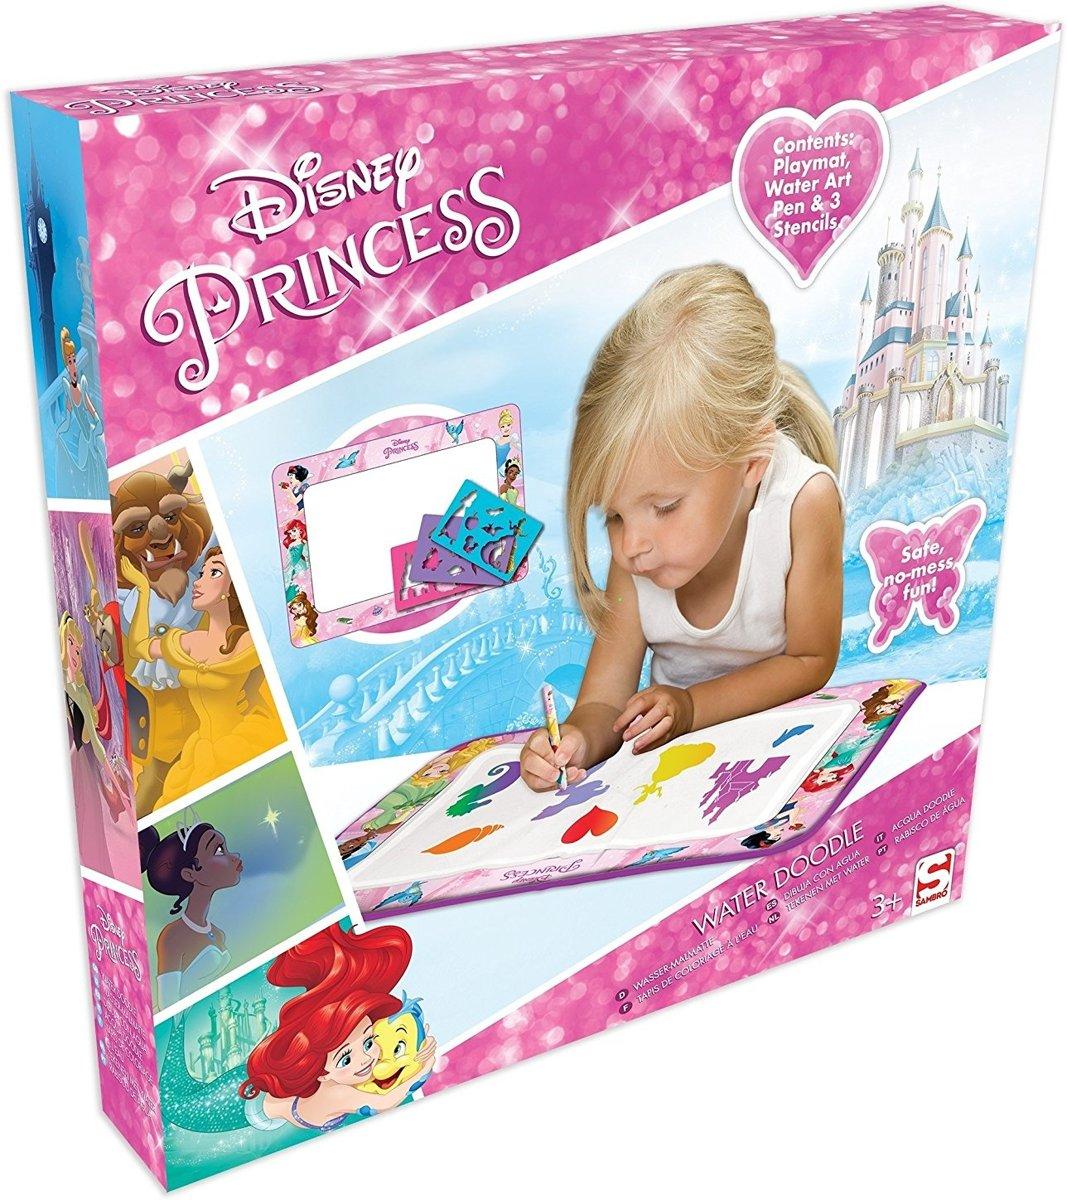 Disney Princess Water Doodle Speelset kopen